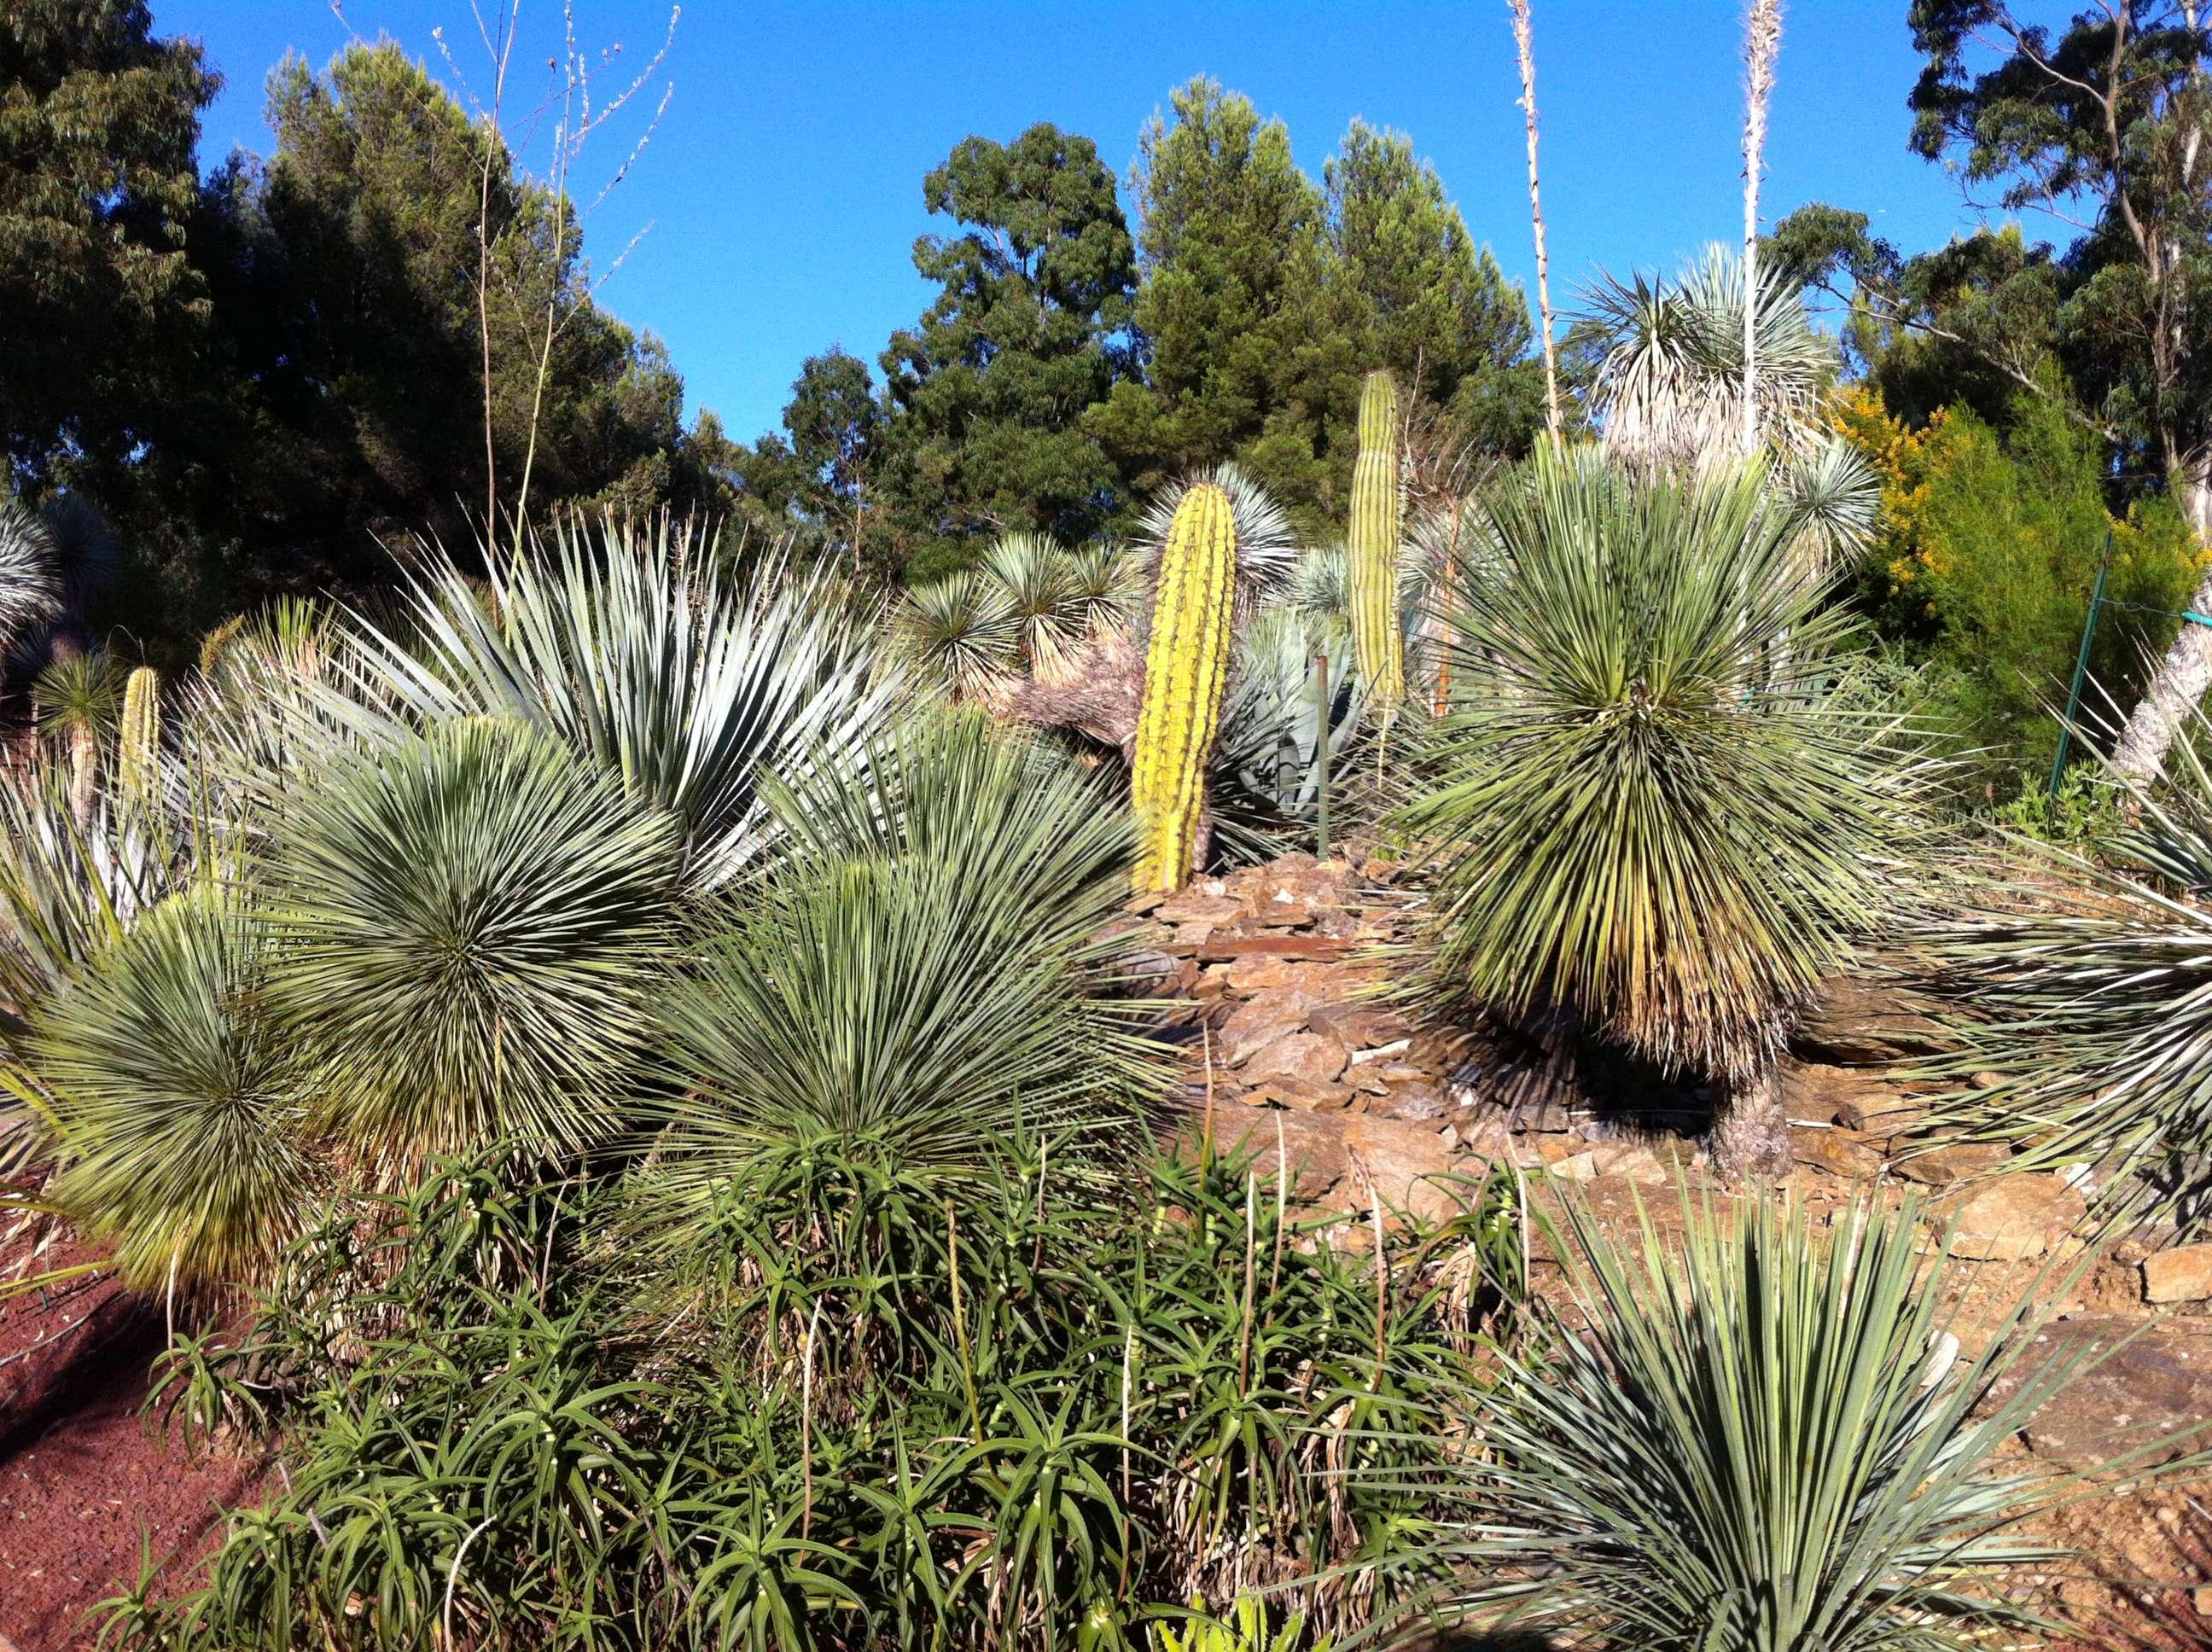 Le forum des fous de palmiers 83 visite du jardin aux oiseaux la londe les maures - Jardin des oiseaux la londe ...